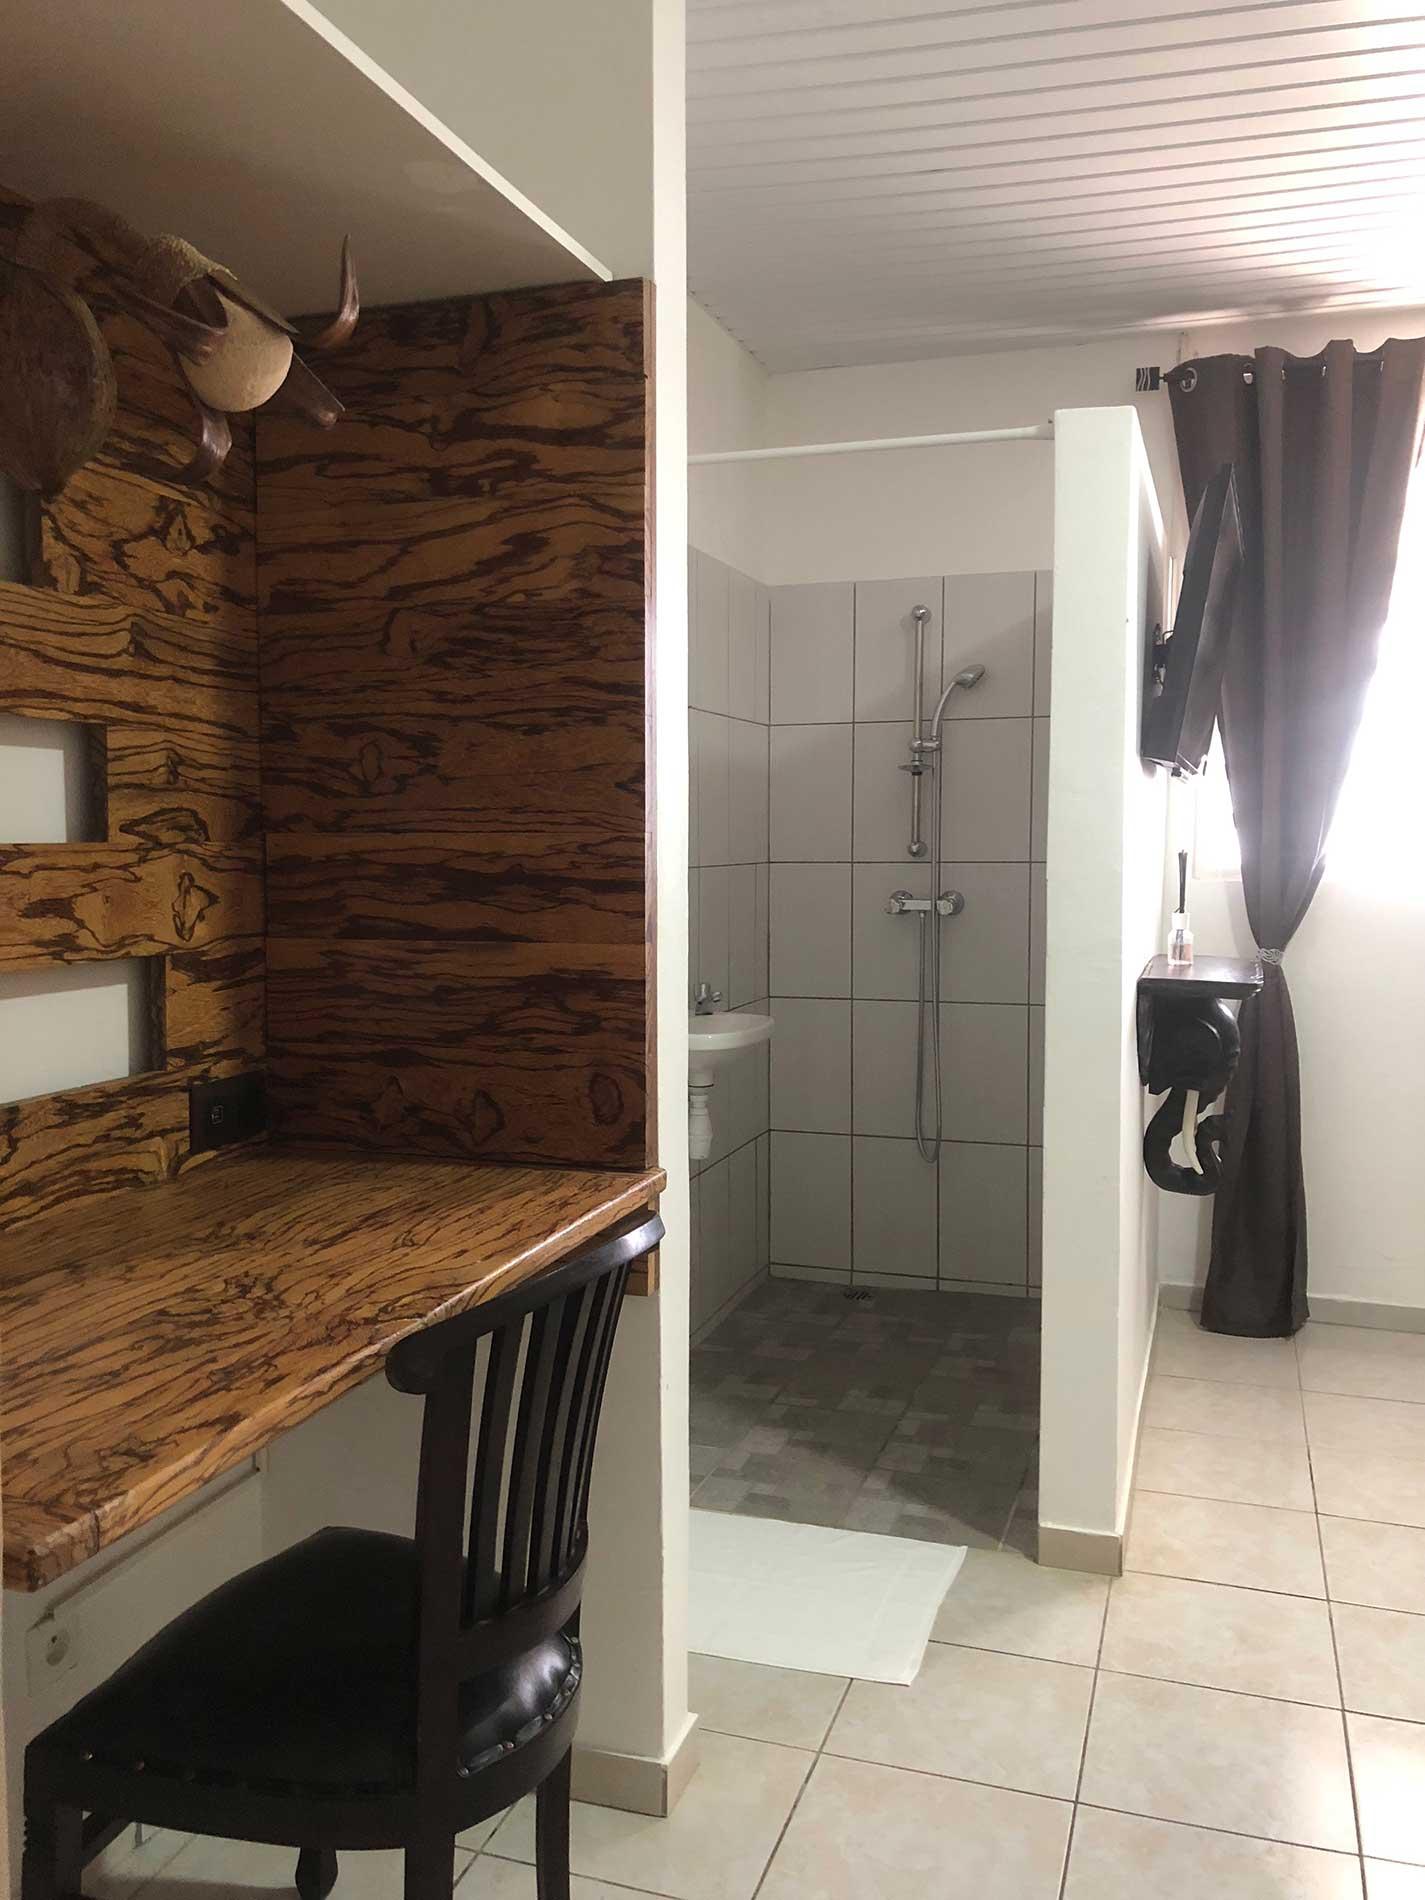 La salle de bain est ouverte sur la chambre. Elle peut être fermée par un rideau. Il y a un lavabo et une colonne de douche avec un mitigeur thermostatique.la